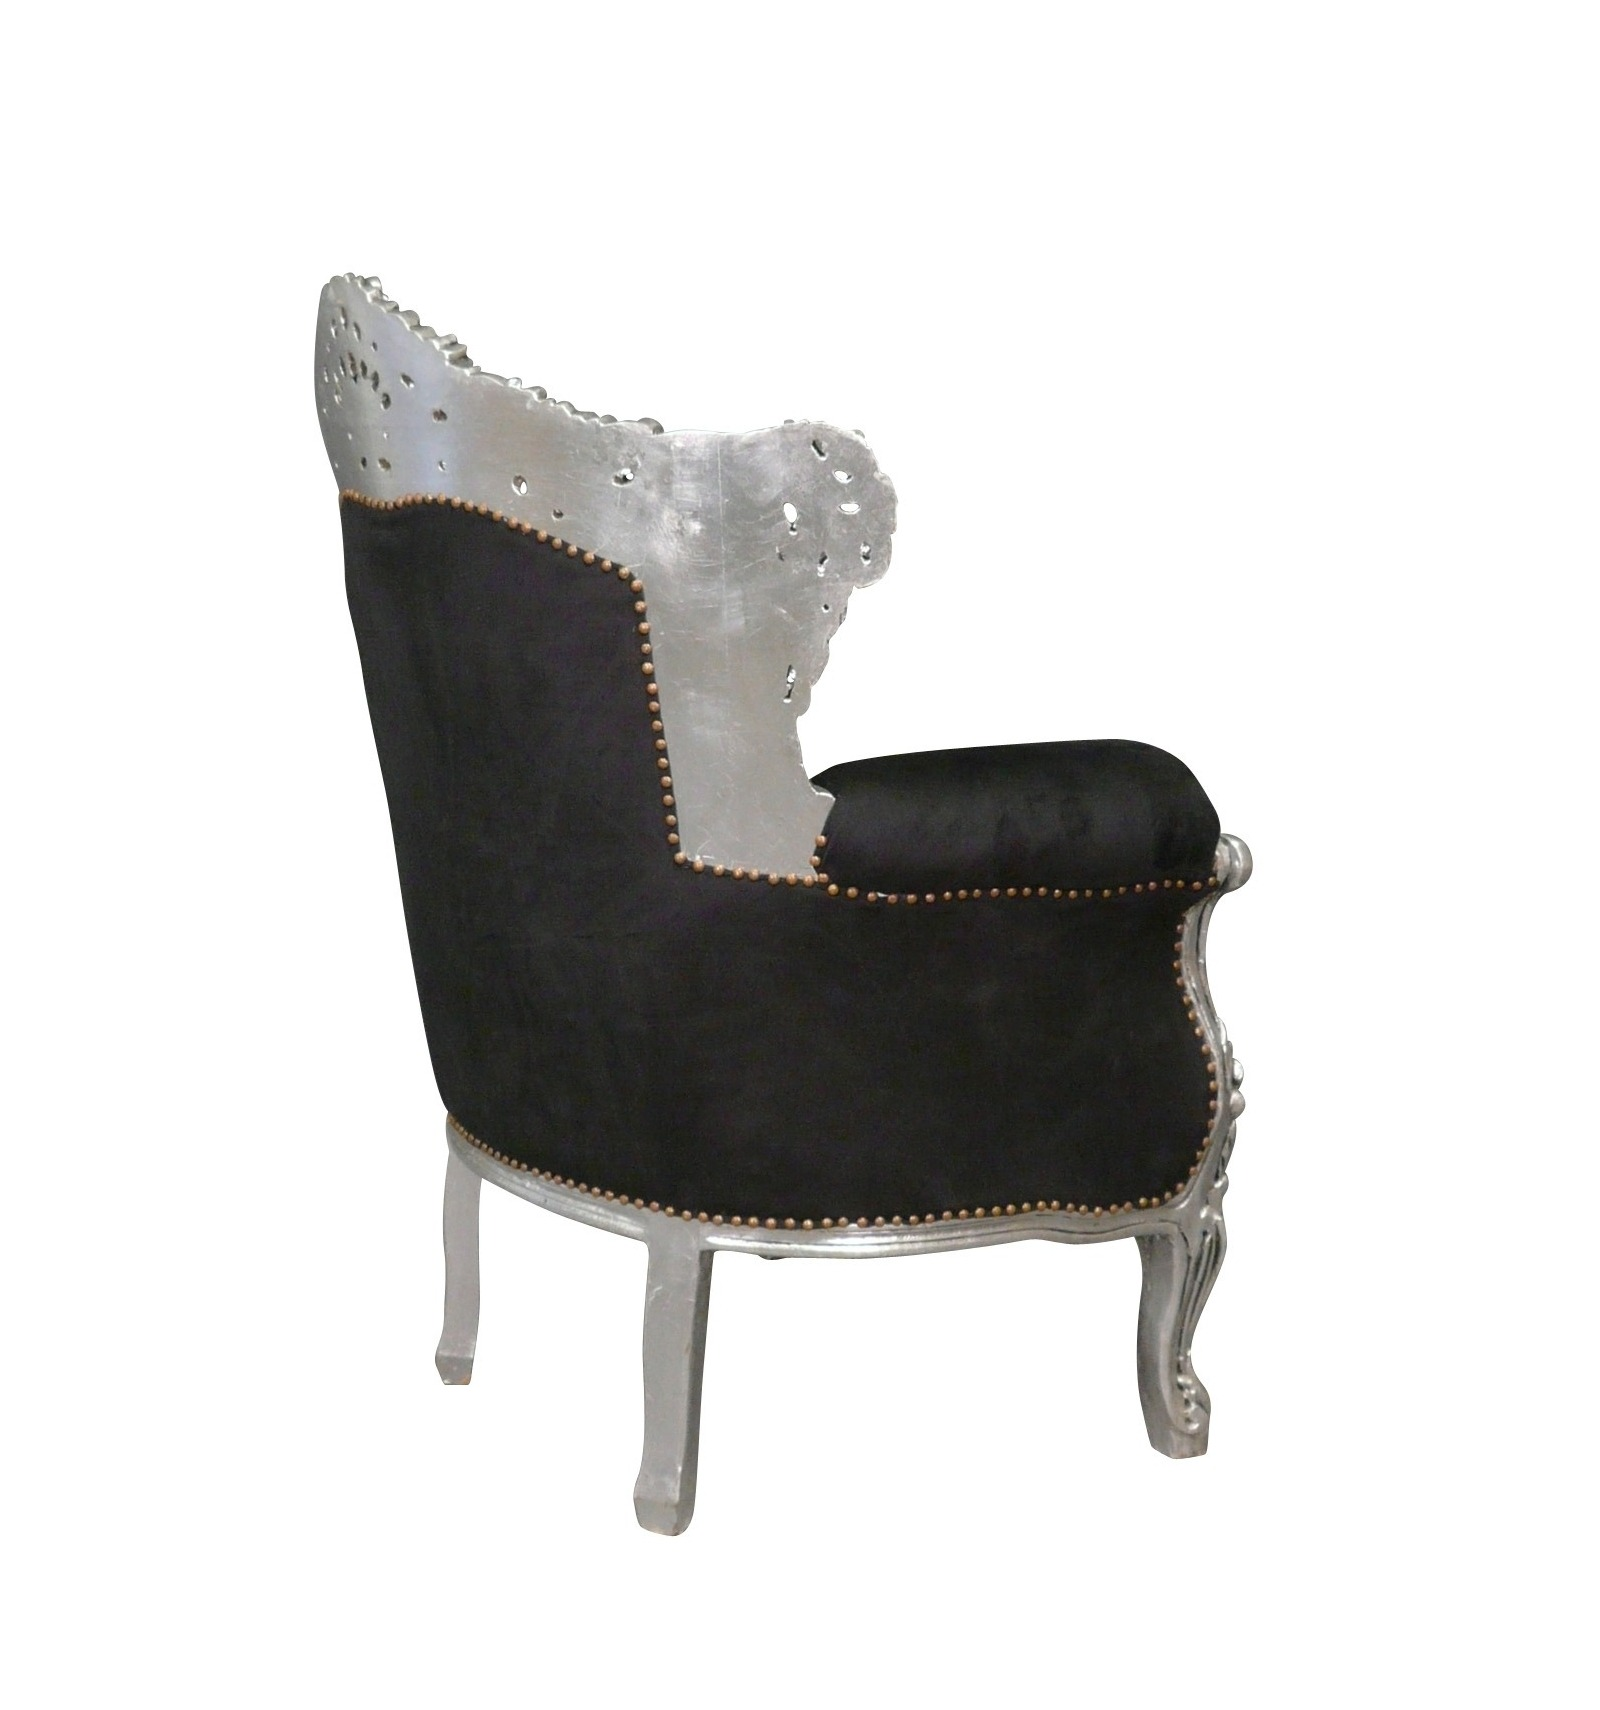 barock sessel st hle schwarz. Black Bedroom Furniture Sets. Home Design Ideas